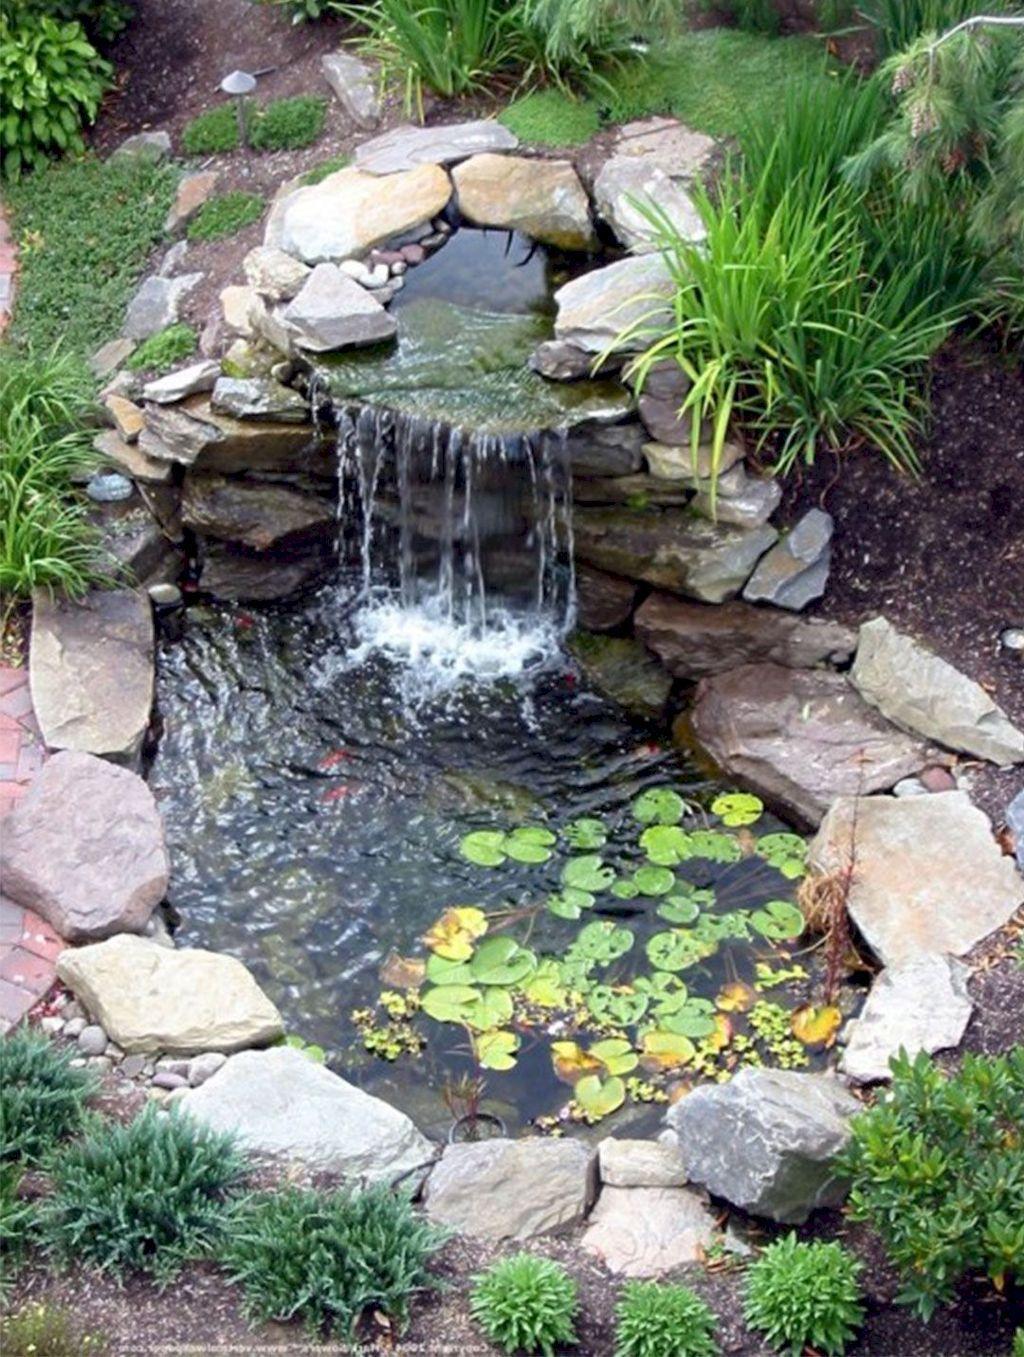 Bassin Et Chute D'eau | Bassin De Jardin, Jardin D'eau destiné Chute D Eau Bassin De Jardin